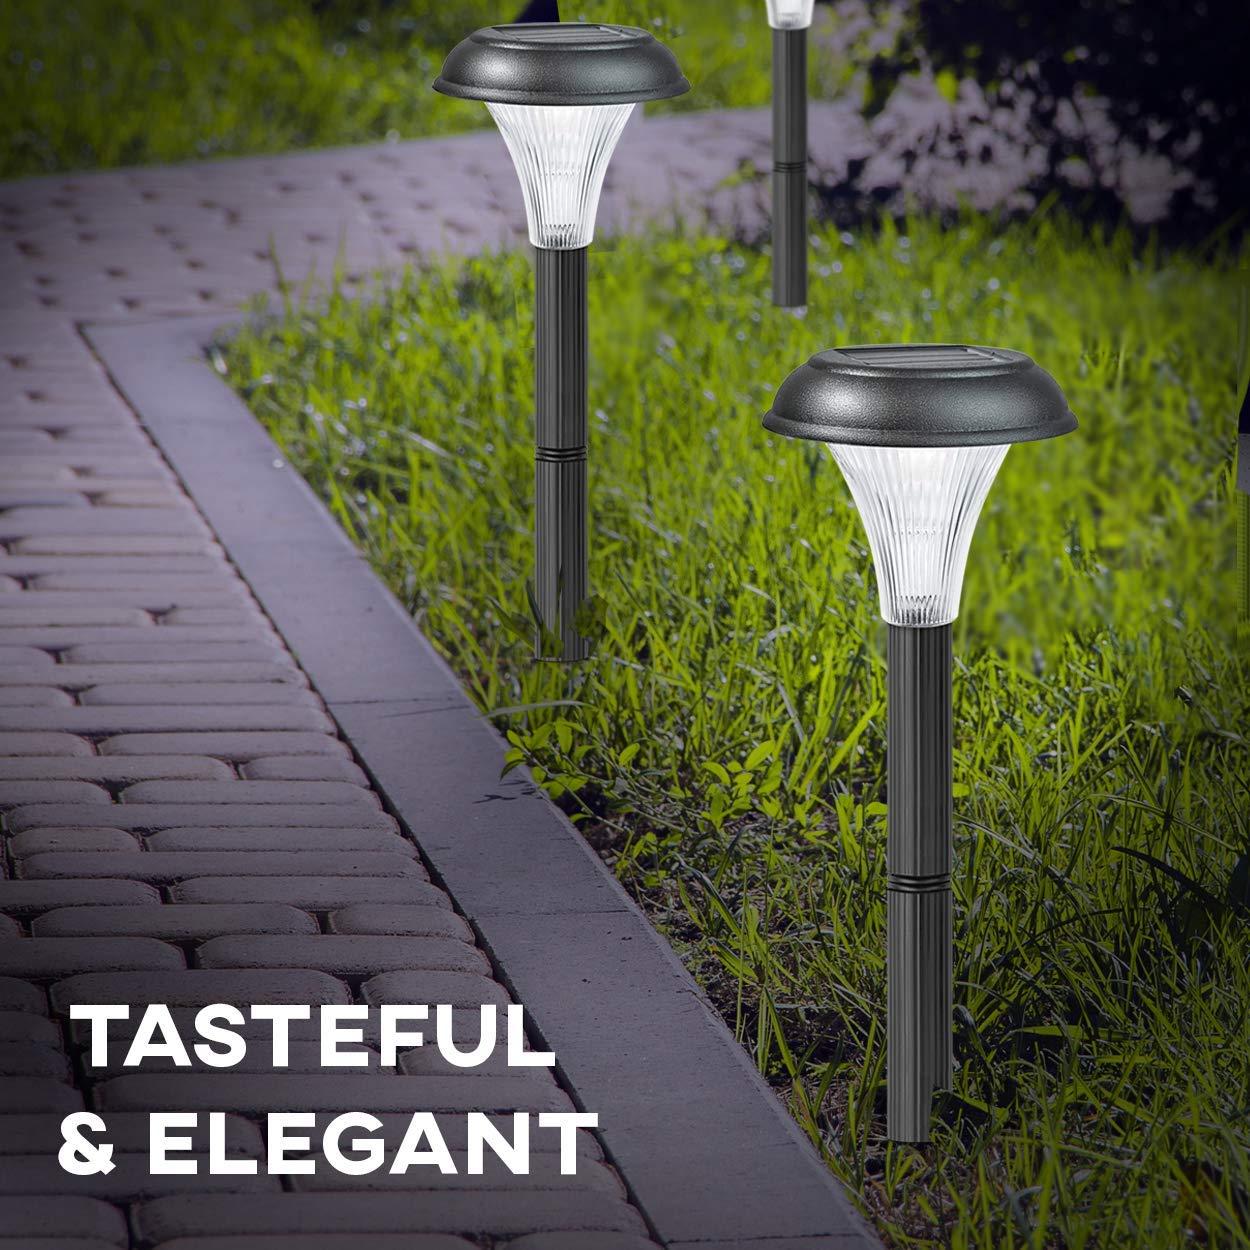 Juego de 10 luces, farolillos solares de jardín, transforma tus espacios al aire libre, caminos, maceteros, vallas; fácil de instalar sin cables; impermeables para todo tipo de climas; diseño elegante y 30 cm